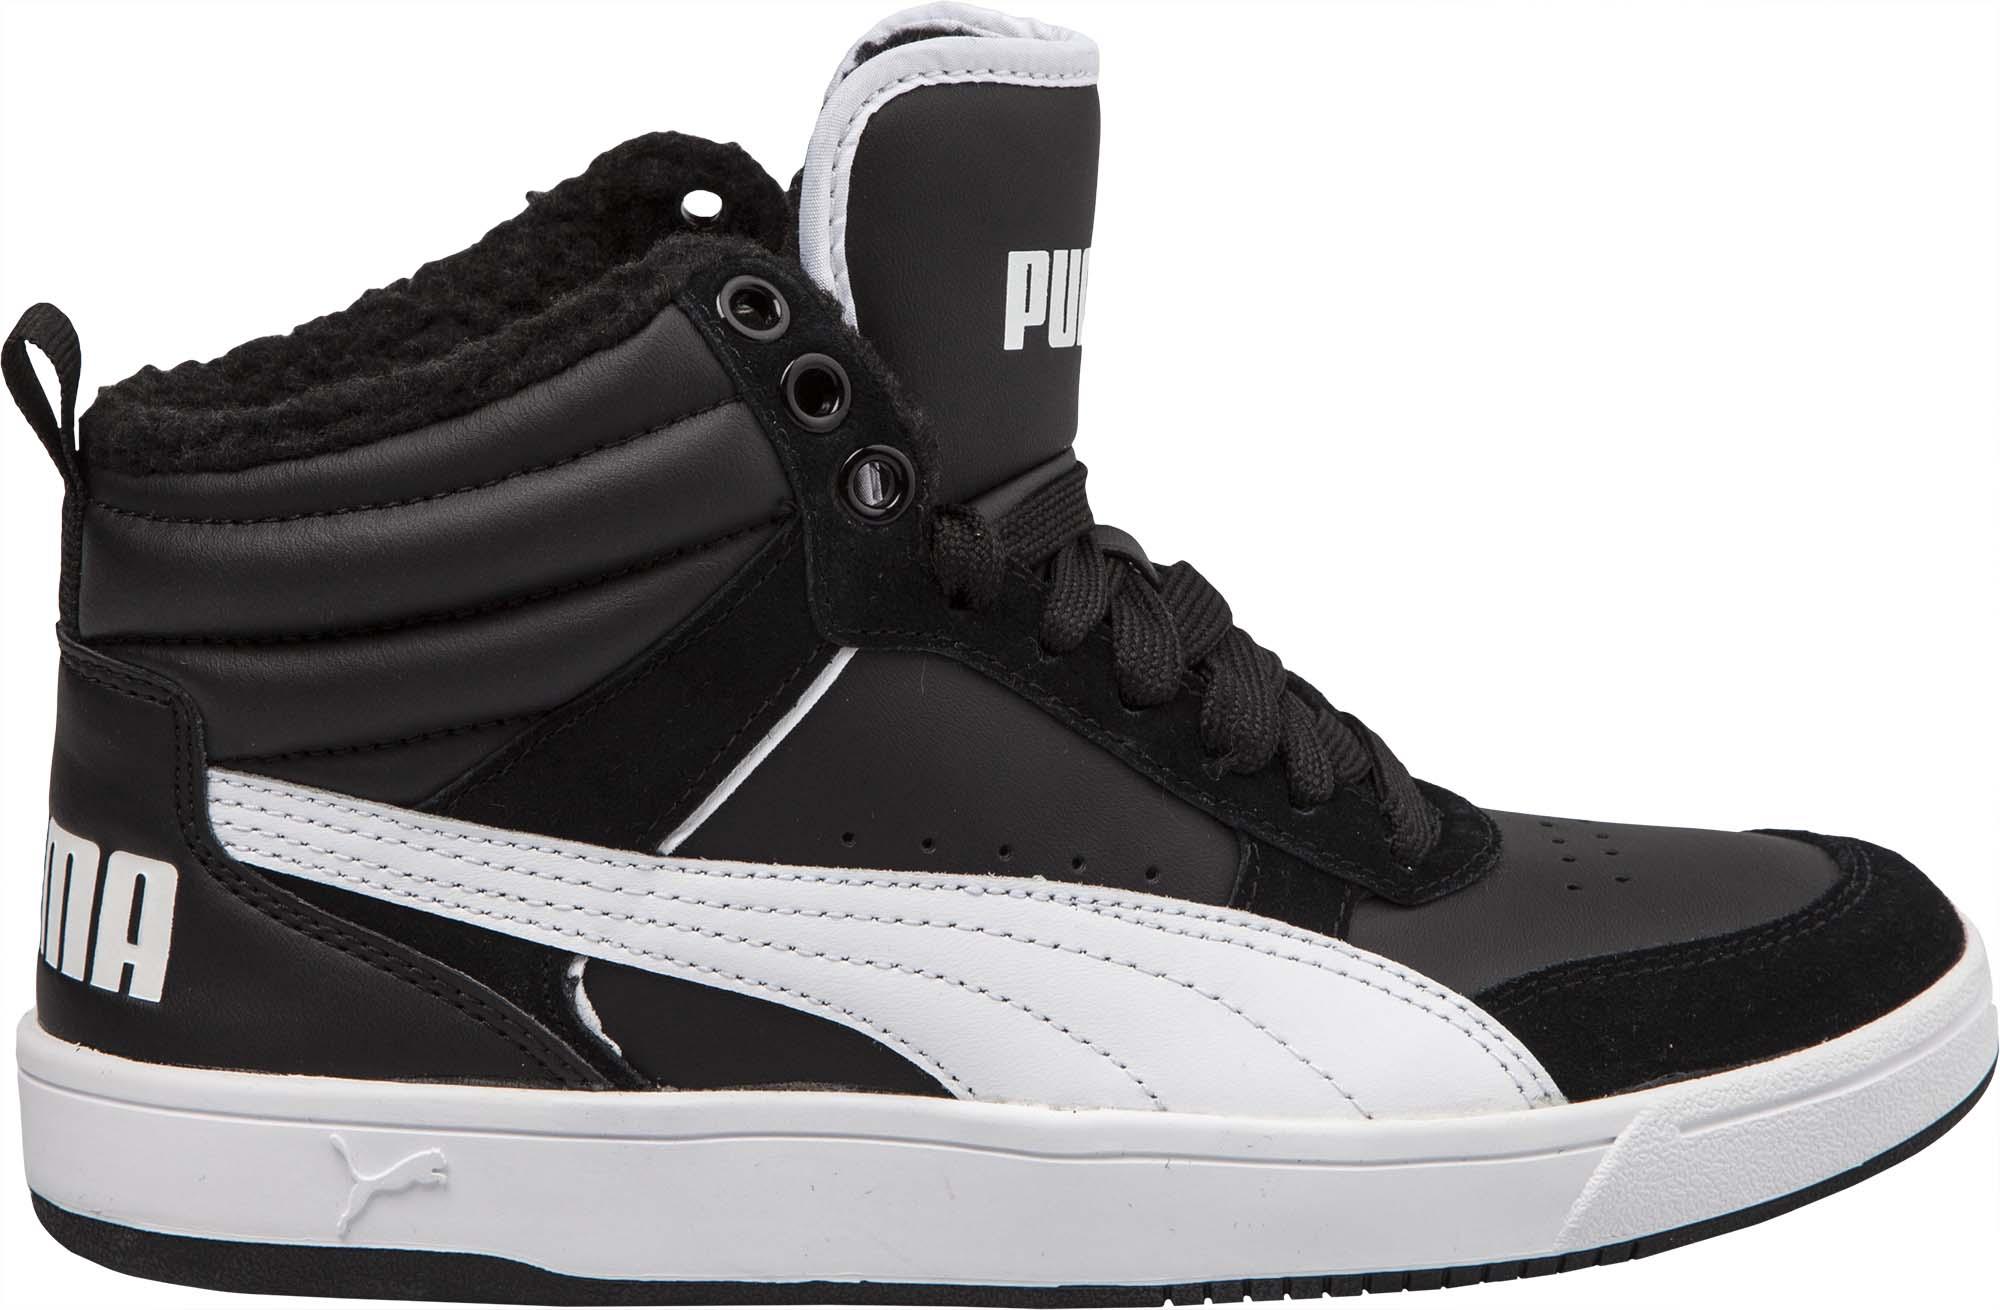 Puma REBOUND STREET V2 FUR JR. Detská voľnočasová obuv. Detská voľnočasová  obuv. Detská voľnočasová obuv b909086f2b9